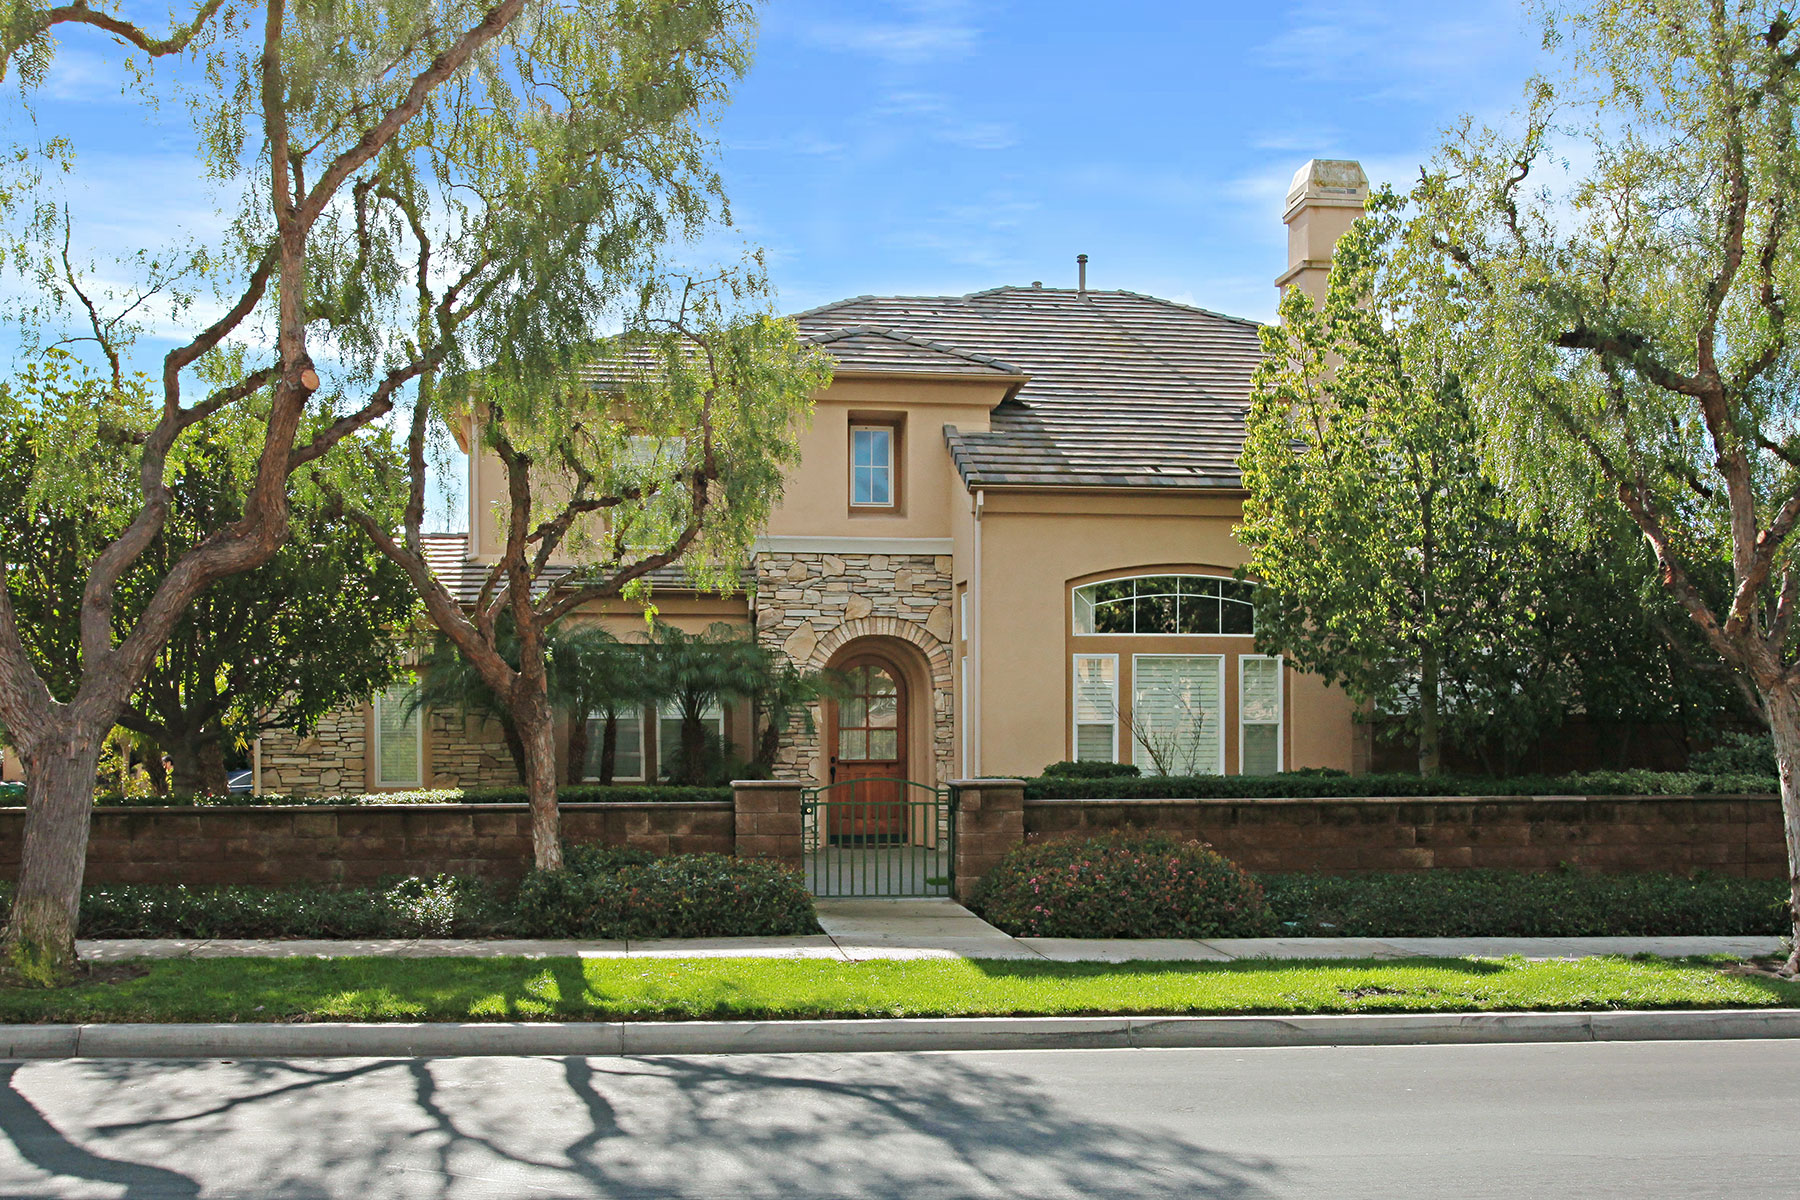 Частный односемейный дом для того Продажа на 45 Cudahy Irvine, 92602 Соединенные Штаты